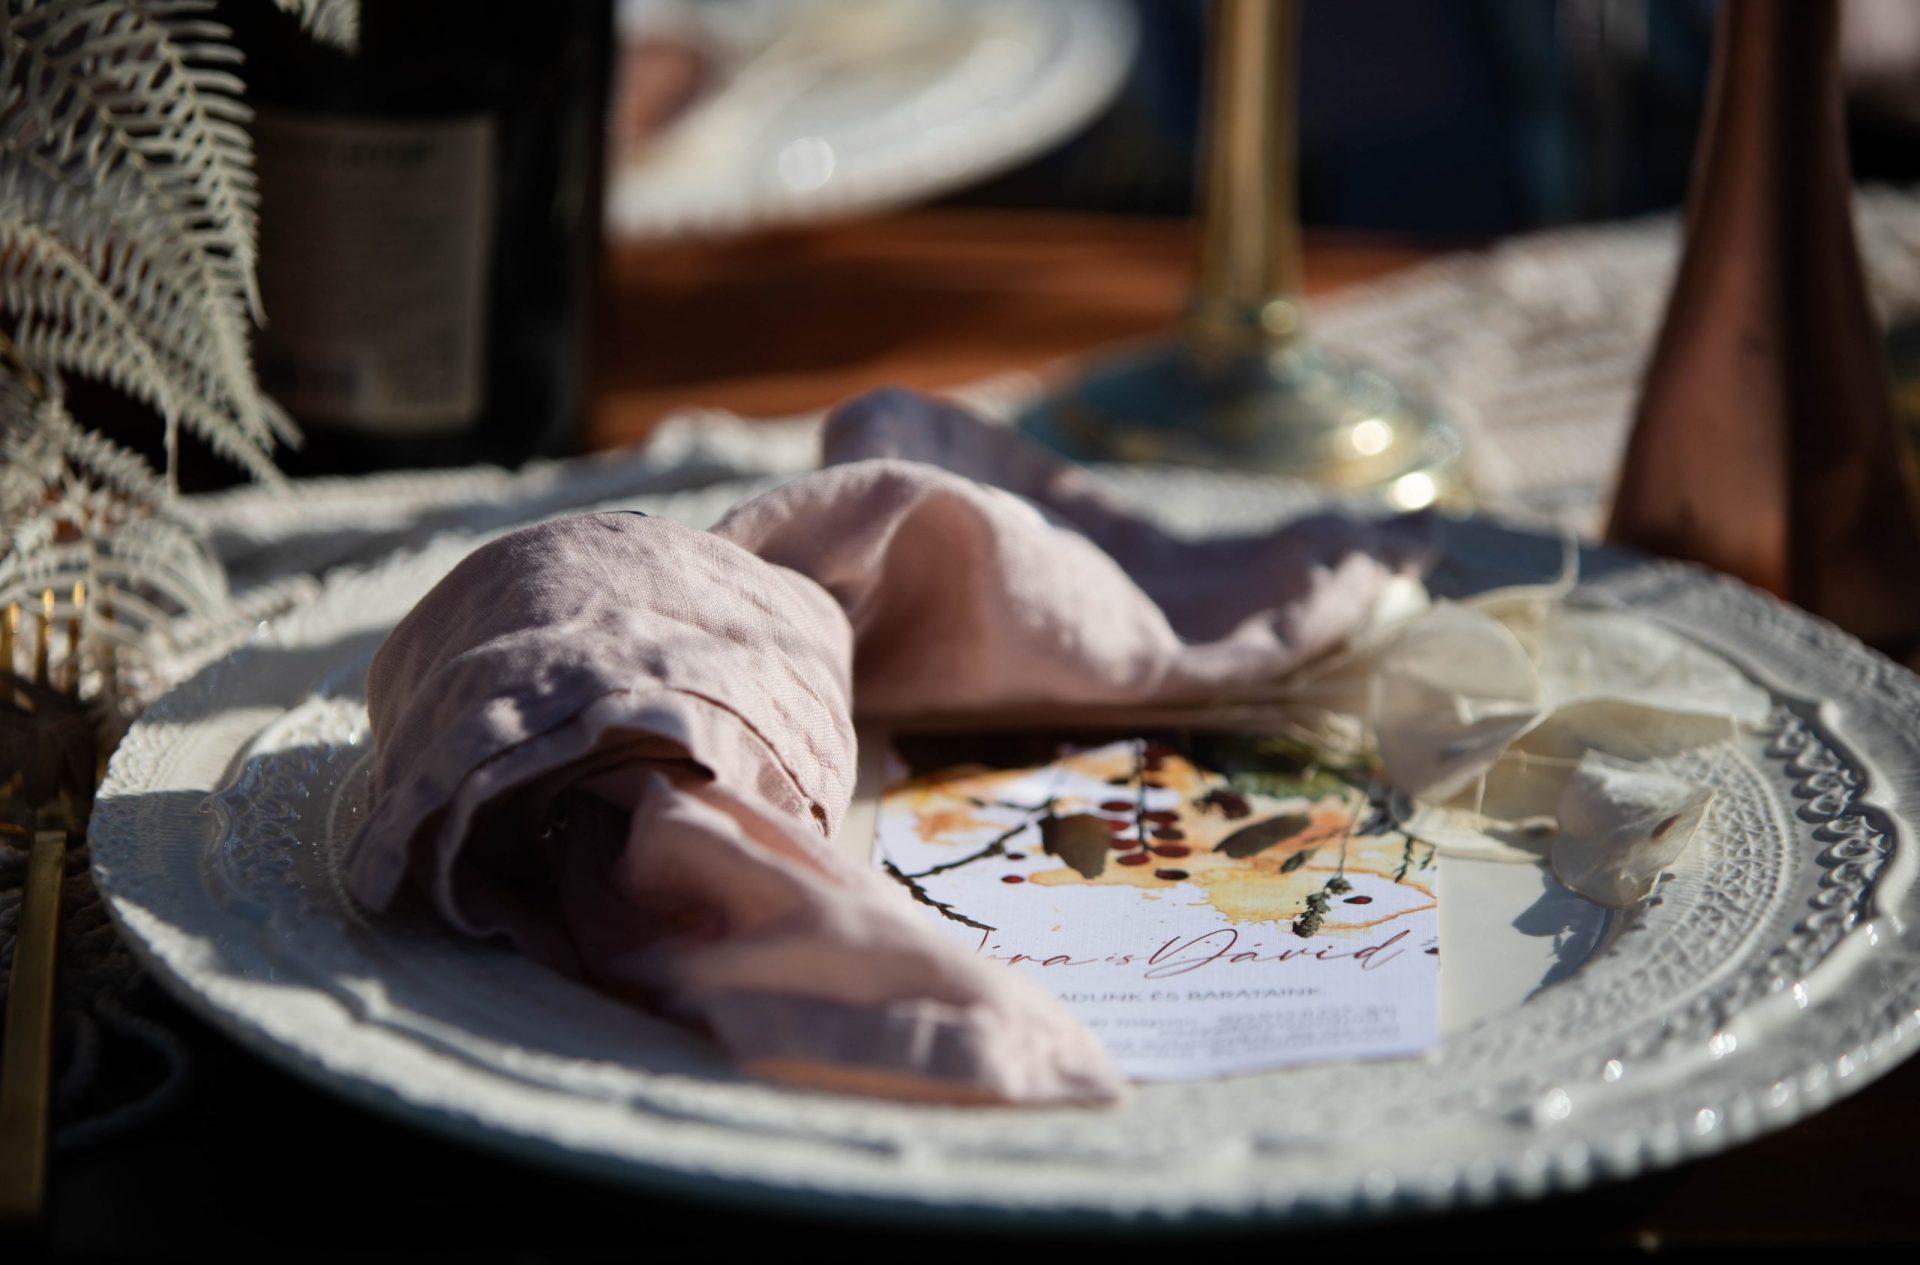 Bérelhető ünnepi terítés esküvőkre, rendezvényekre- MISS LULLI Decor